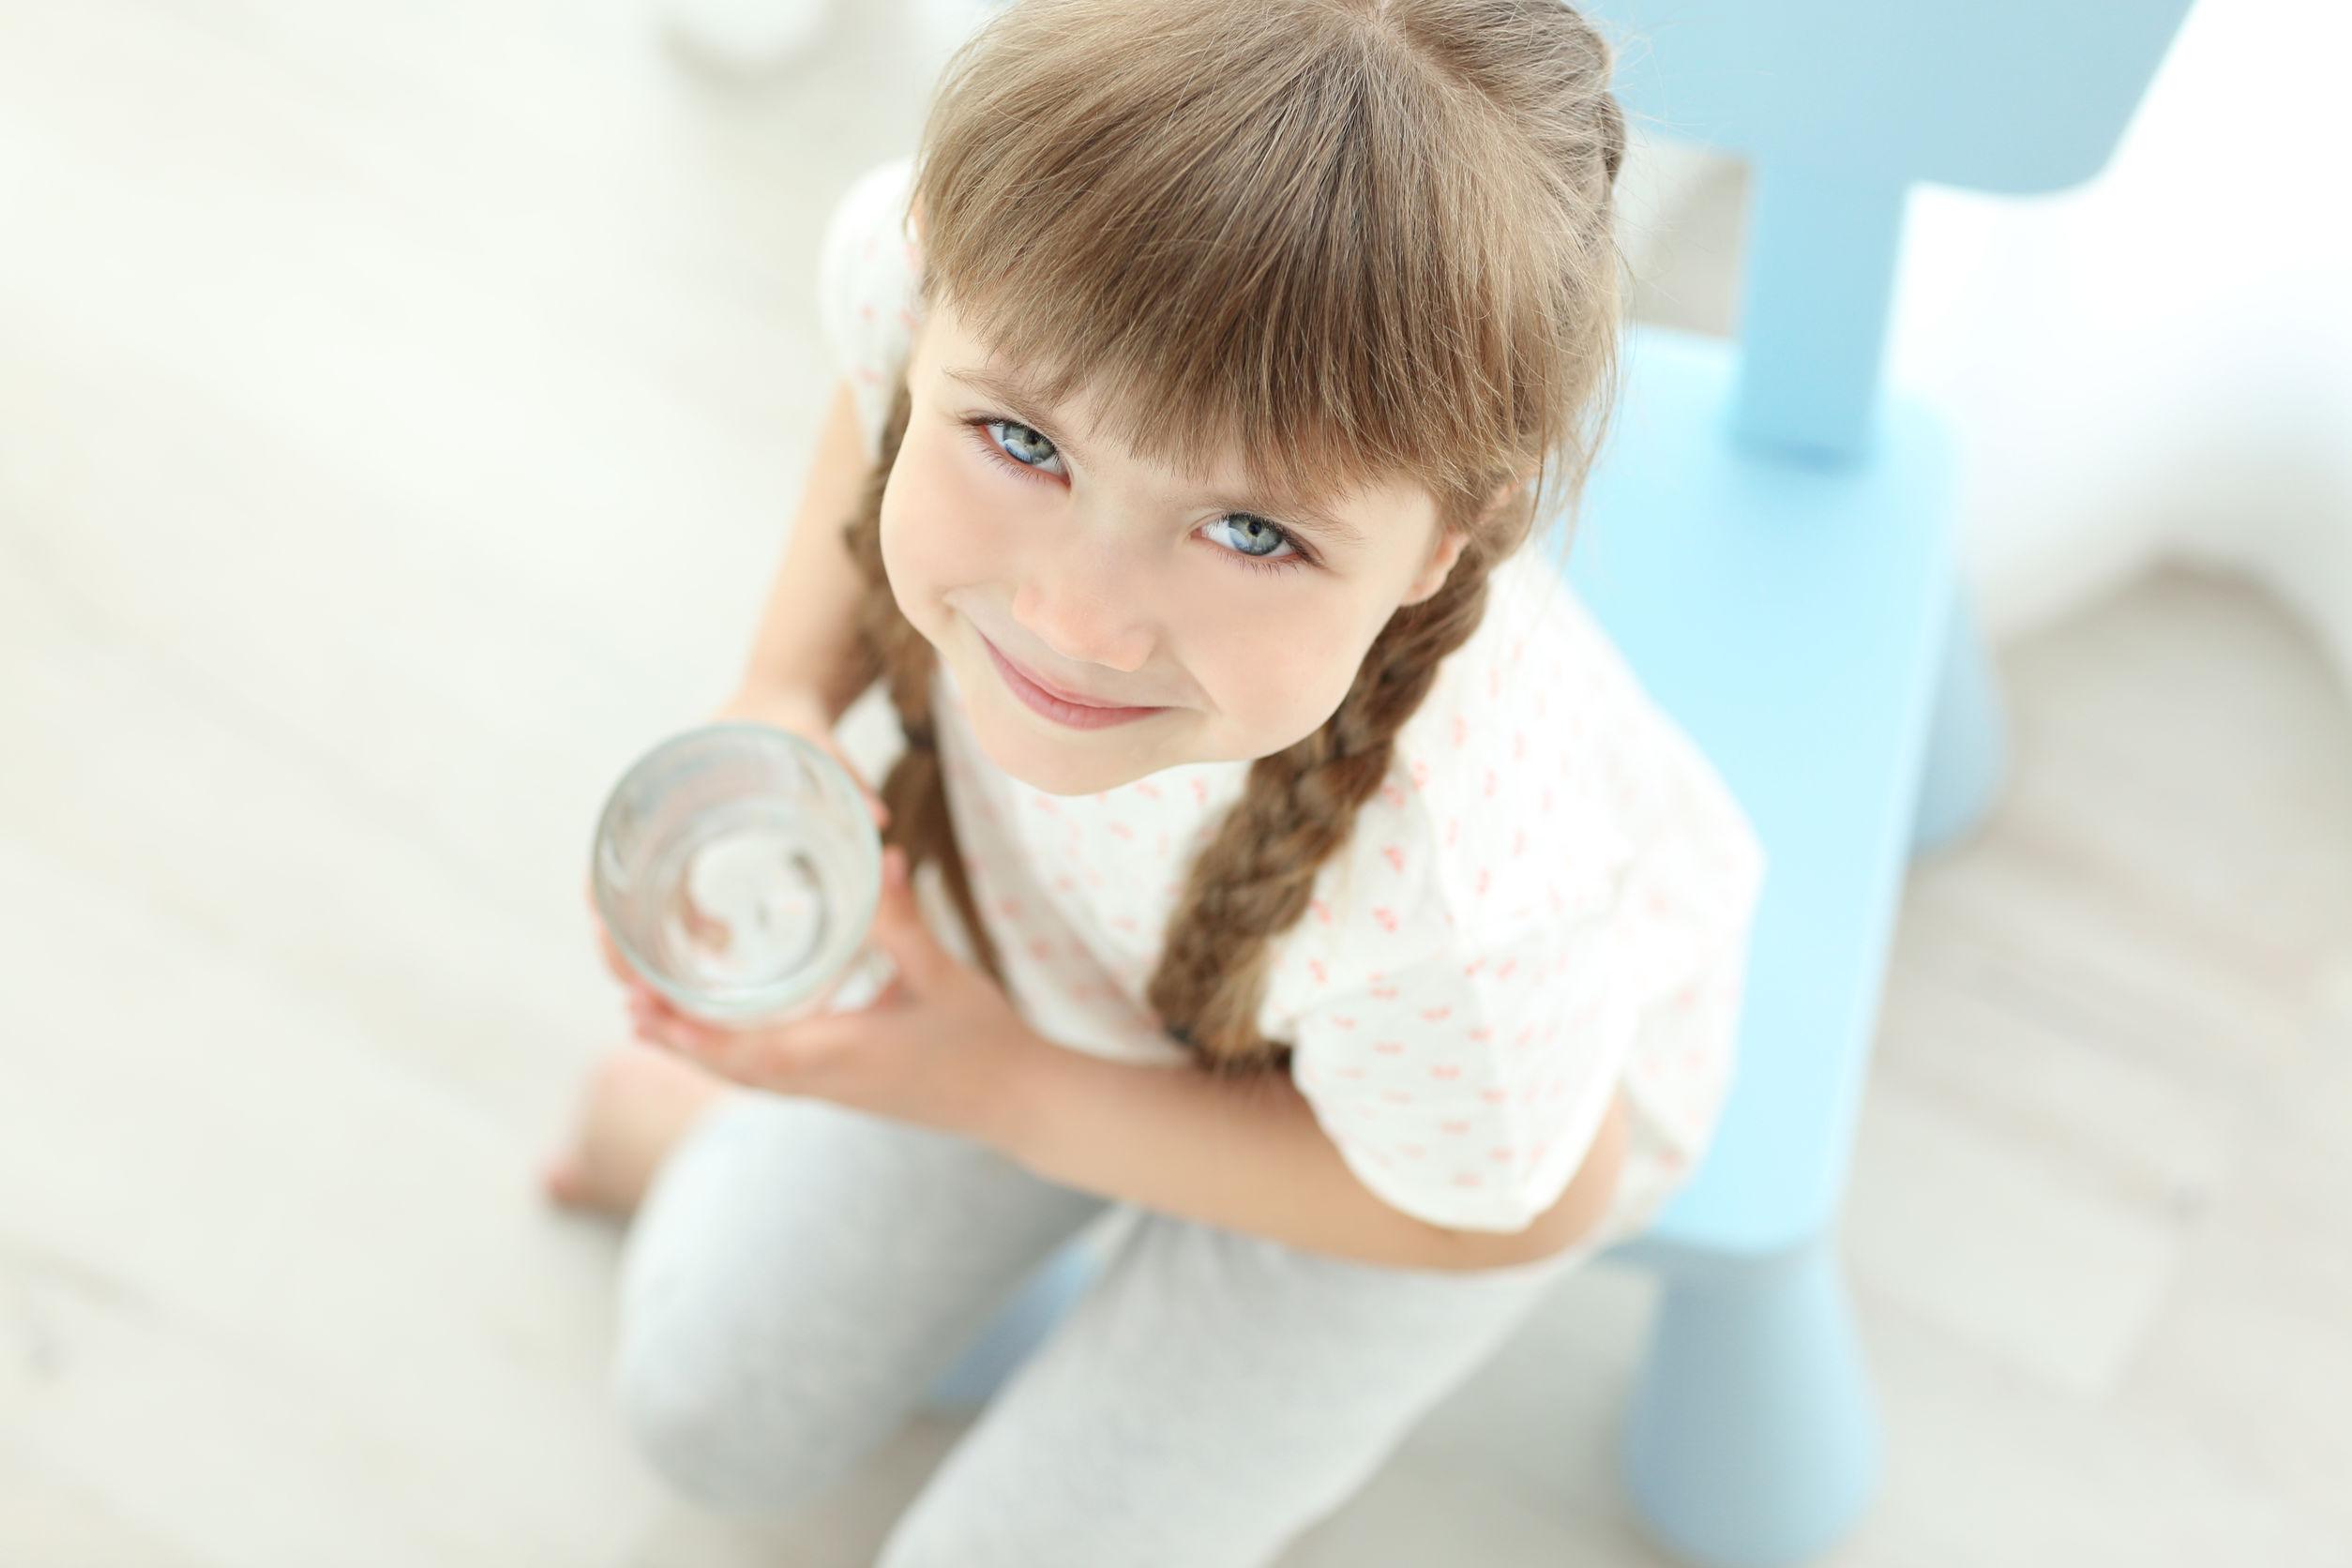 Ezért fontos, hogy gyermekeink rendszeresen fogyasszanak ivóvizet!